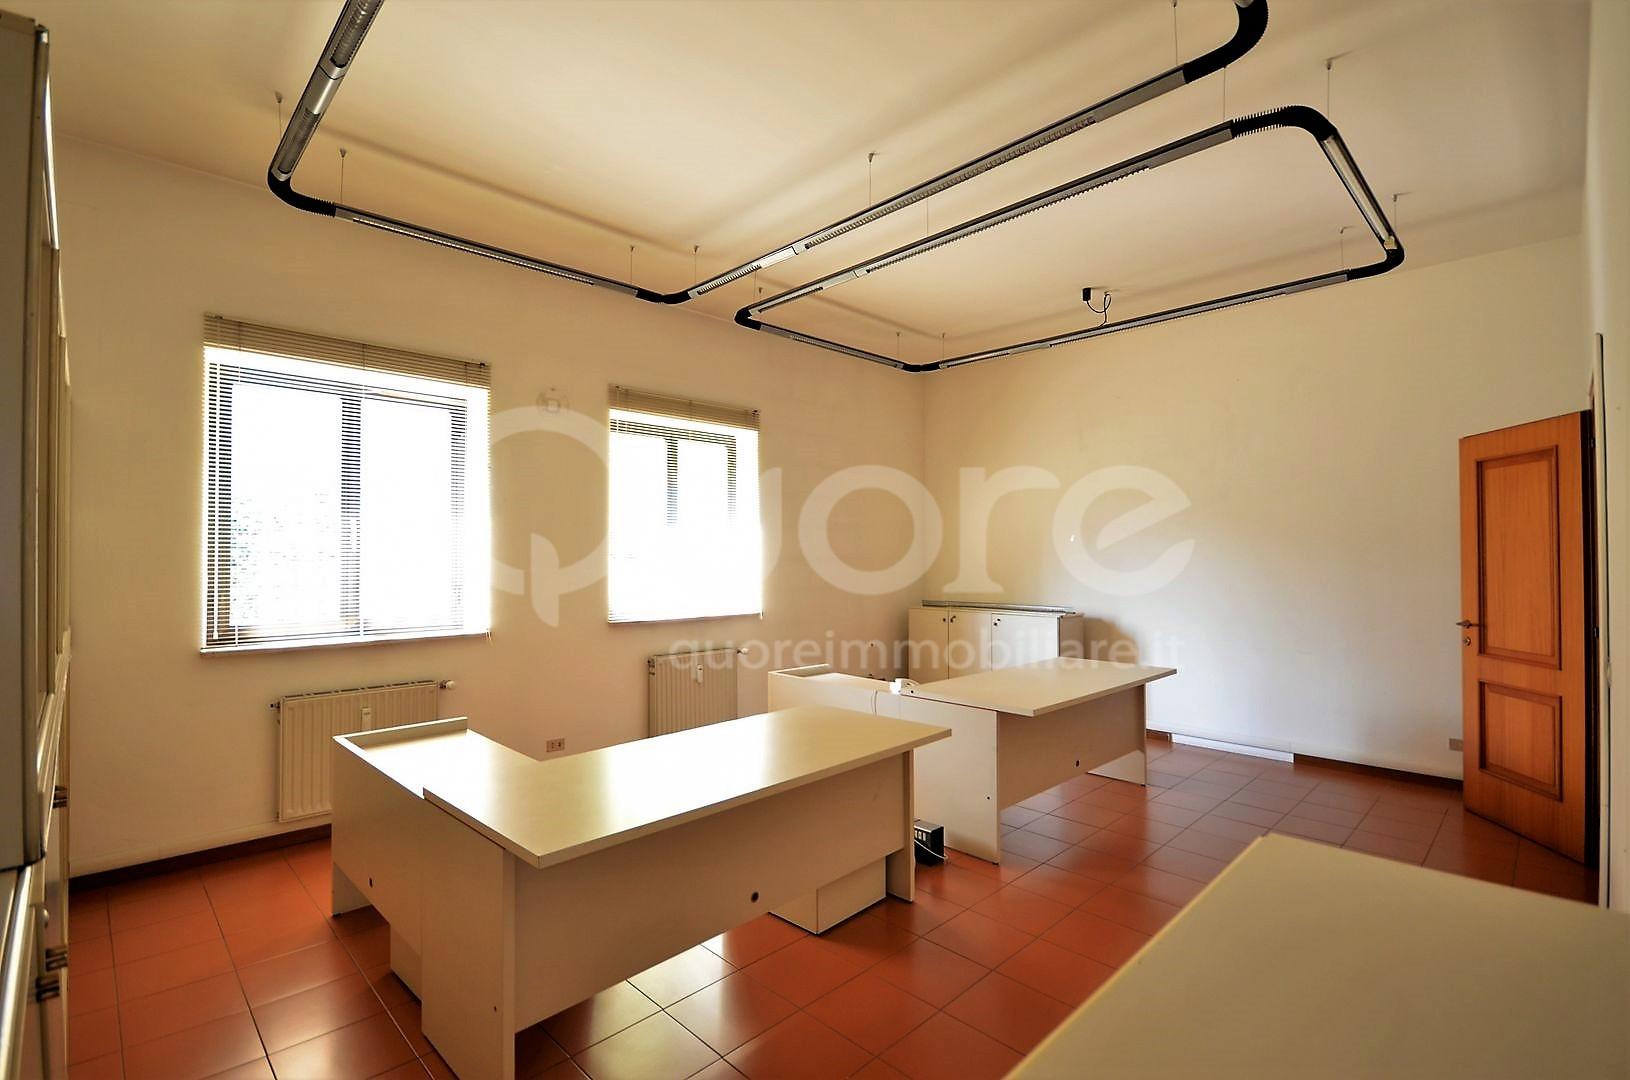 Ufficio / Studio in affitto a Udine, 9999 locali, prezzo € 1.900 | Cambio Casa.it